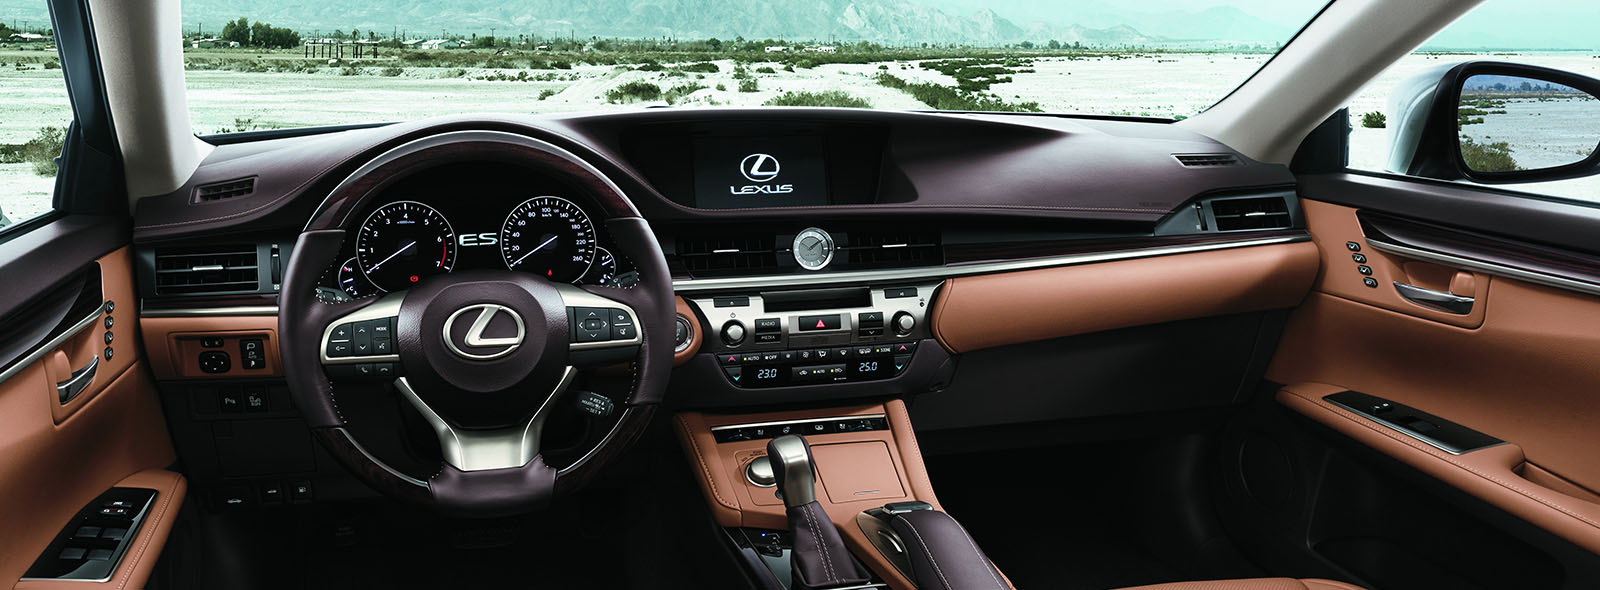 Роскошный интерьер нового седана премиум класса Lexus ES 250